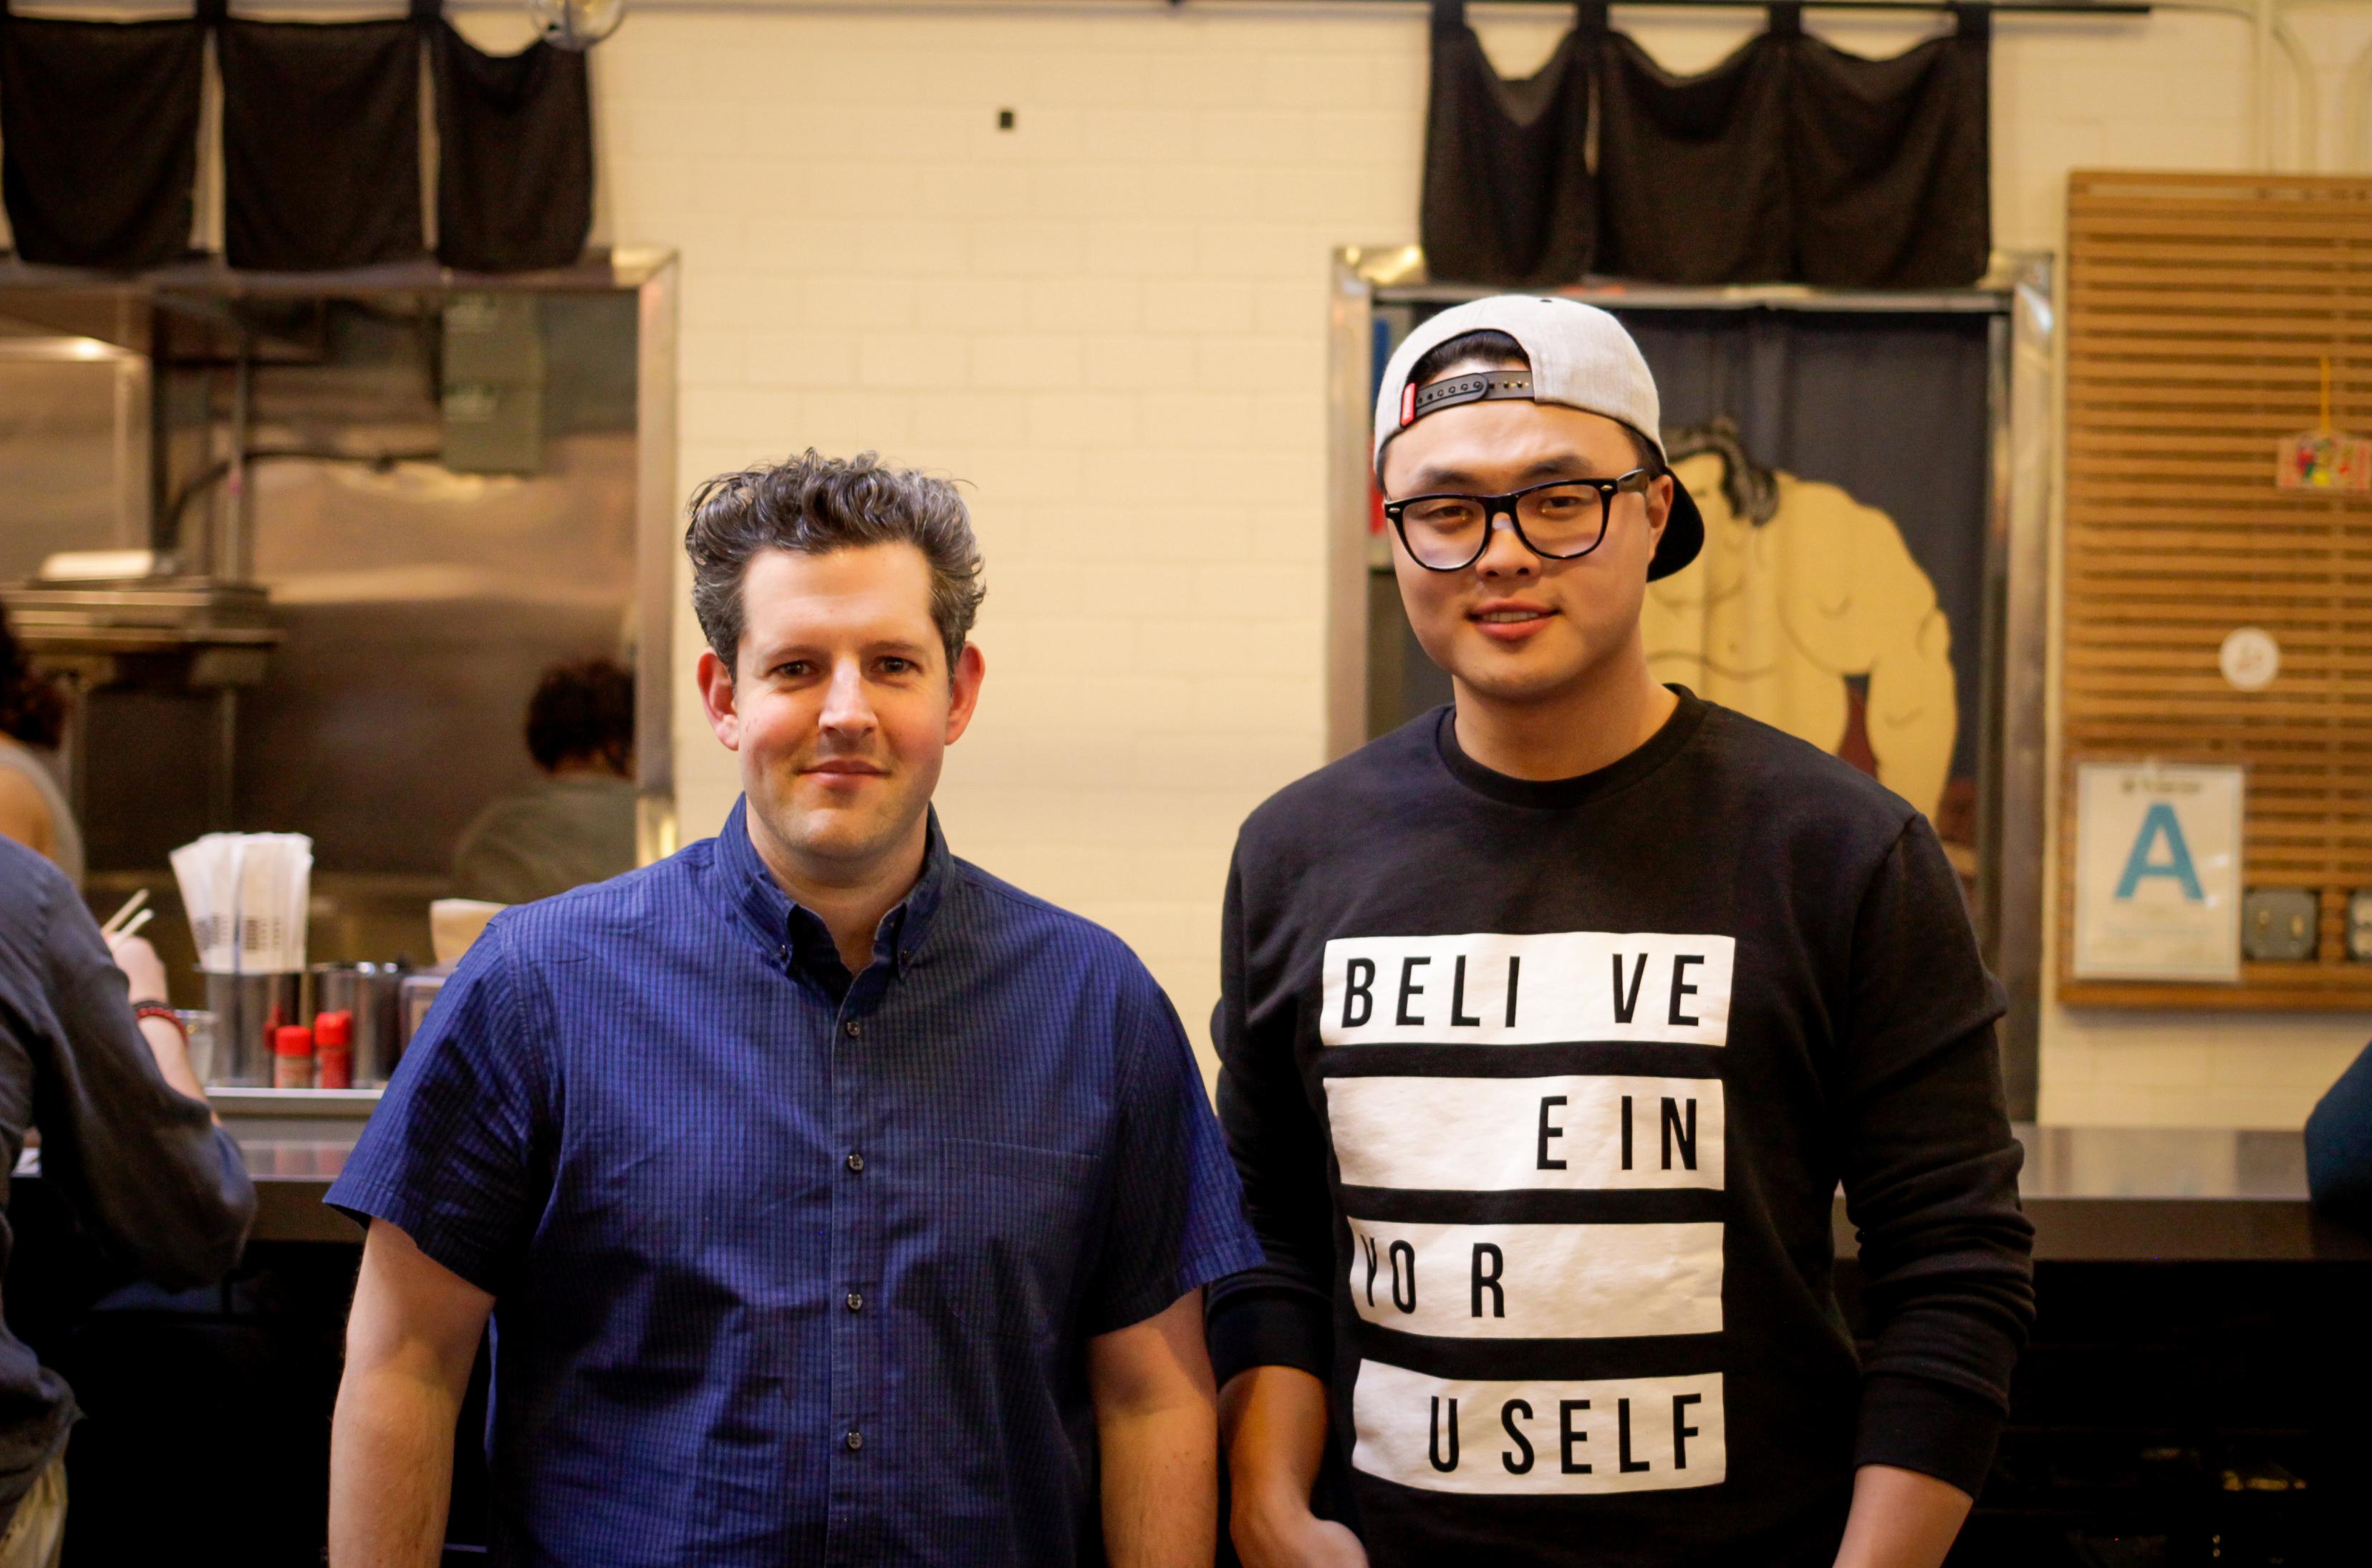 Matt Rodbard and Deuki Hong